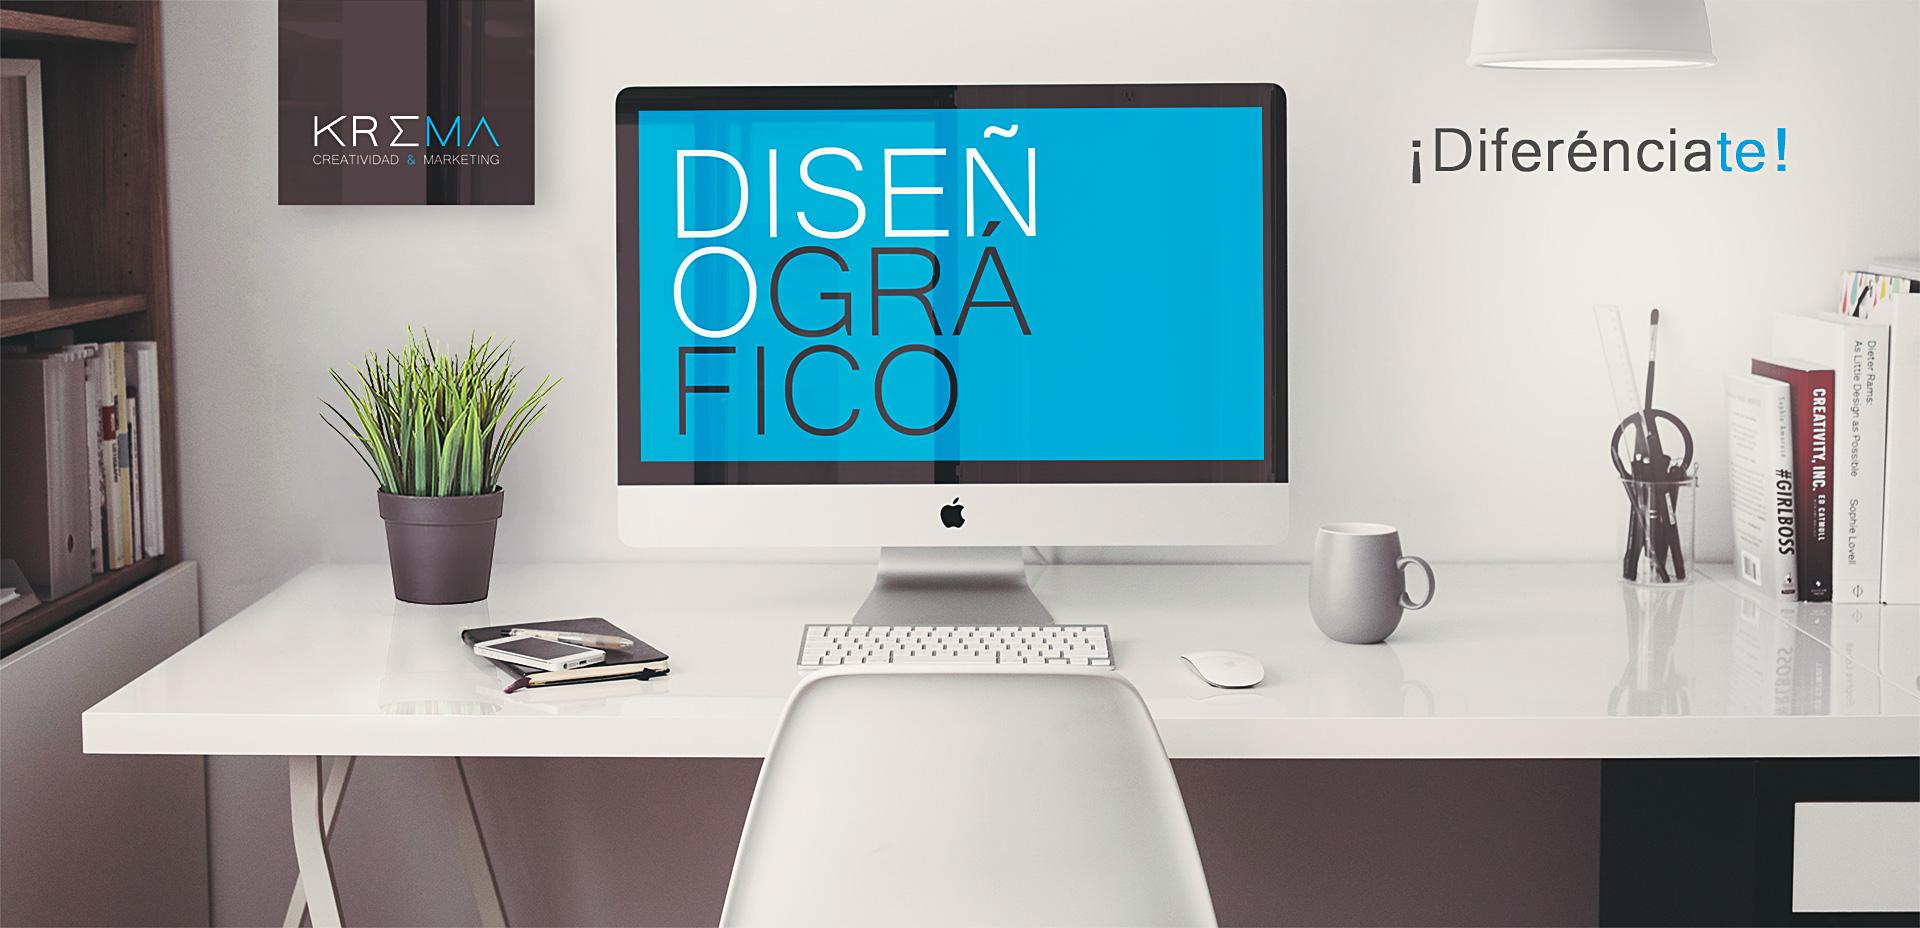 diseño gráfico albacete, diseño gráfico, estudio de diseño gráfico, estudio de diseño albacete, diseño albacete, krema